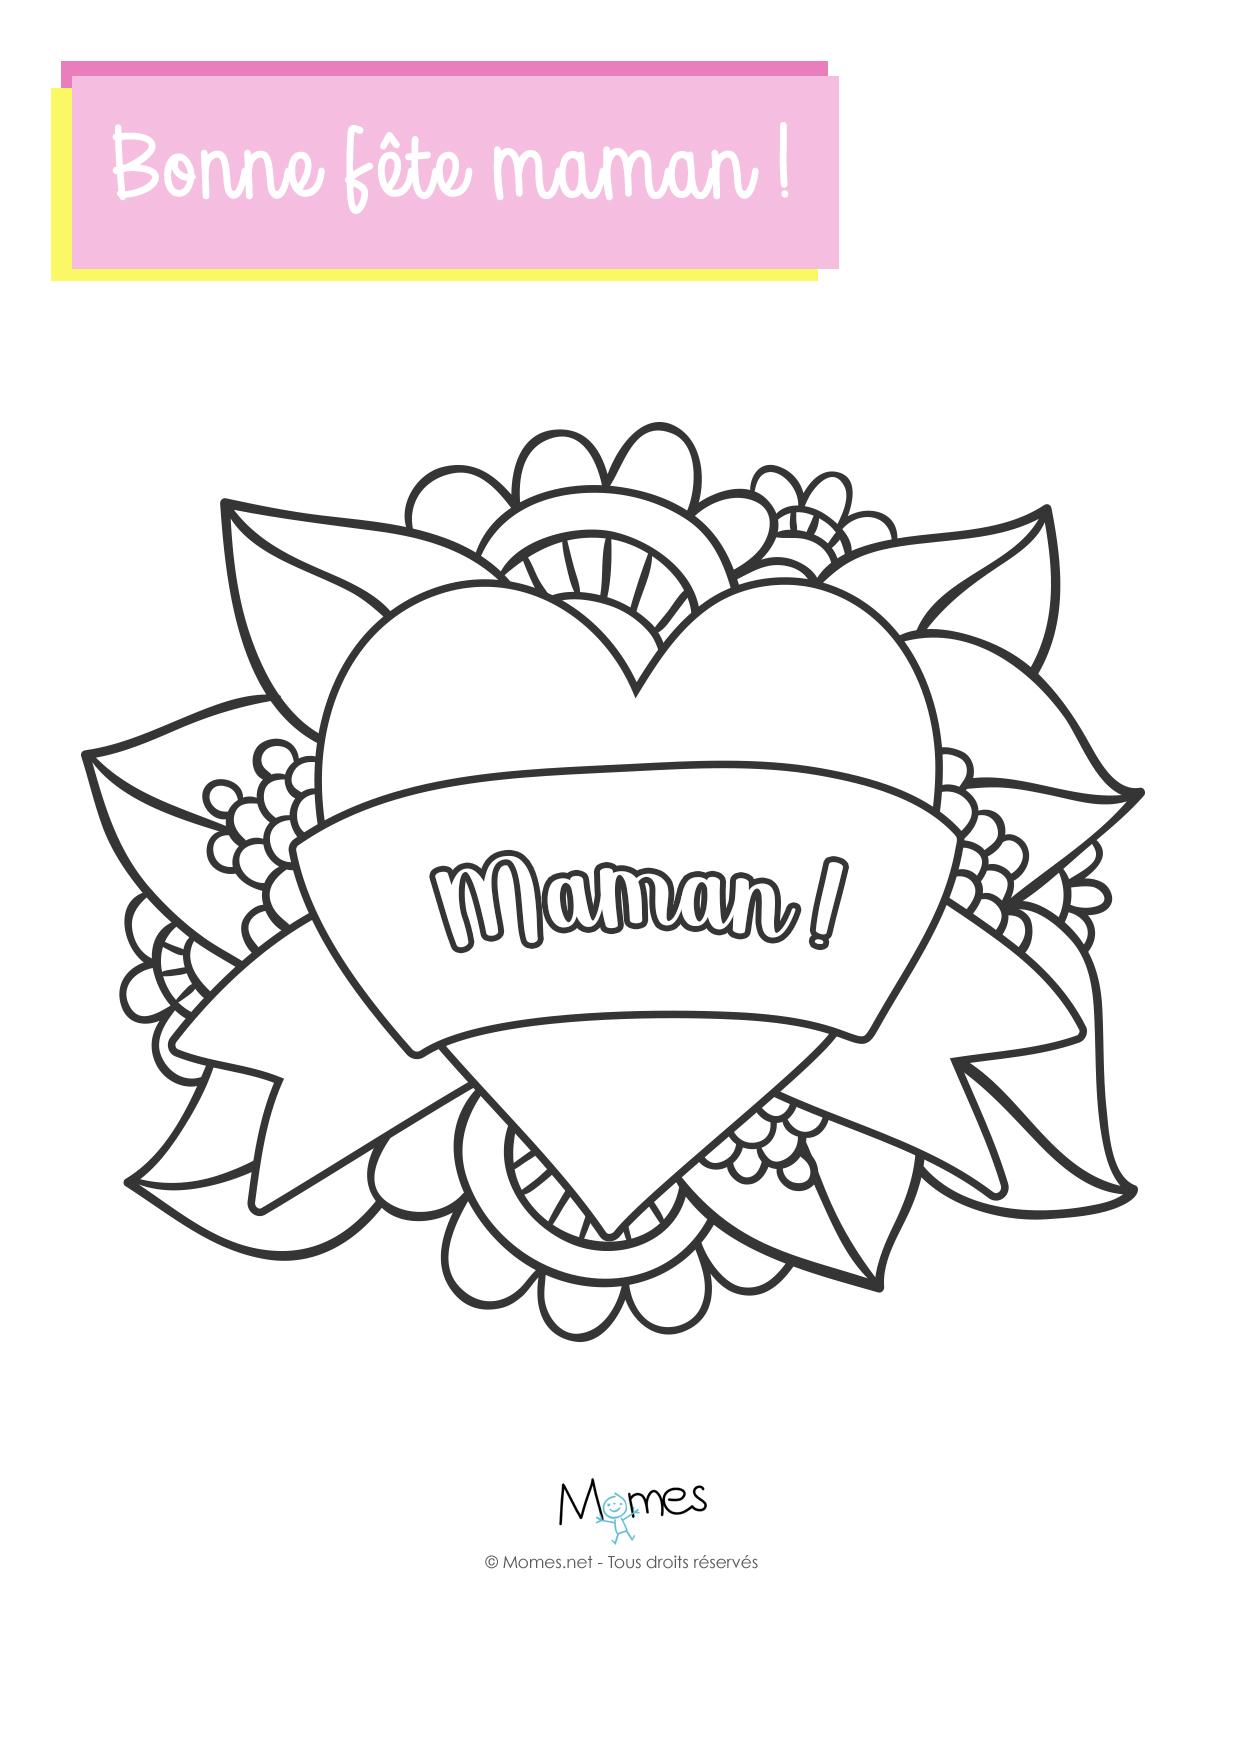 Coloriage joli coeur pour maman - Des images pour coloriage ...